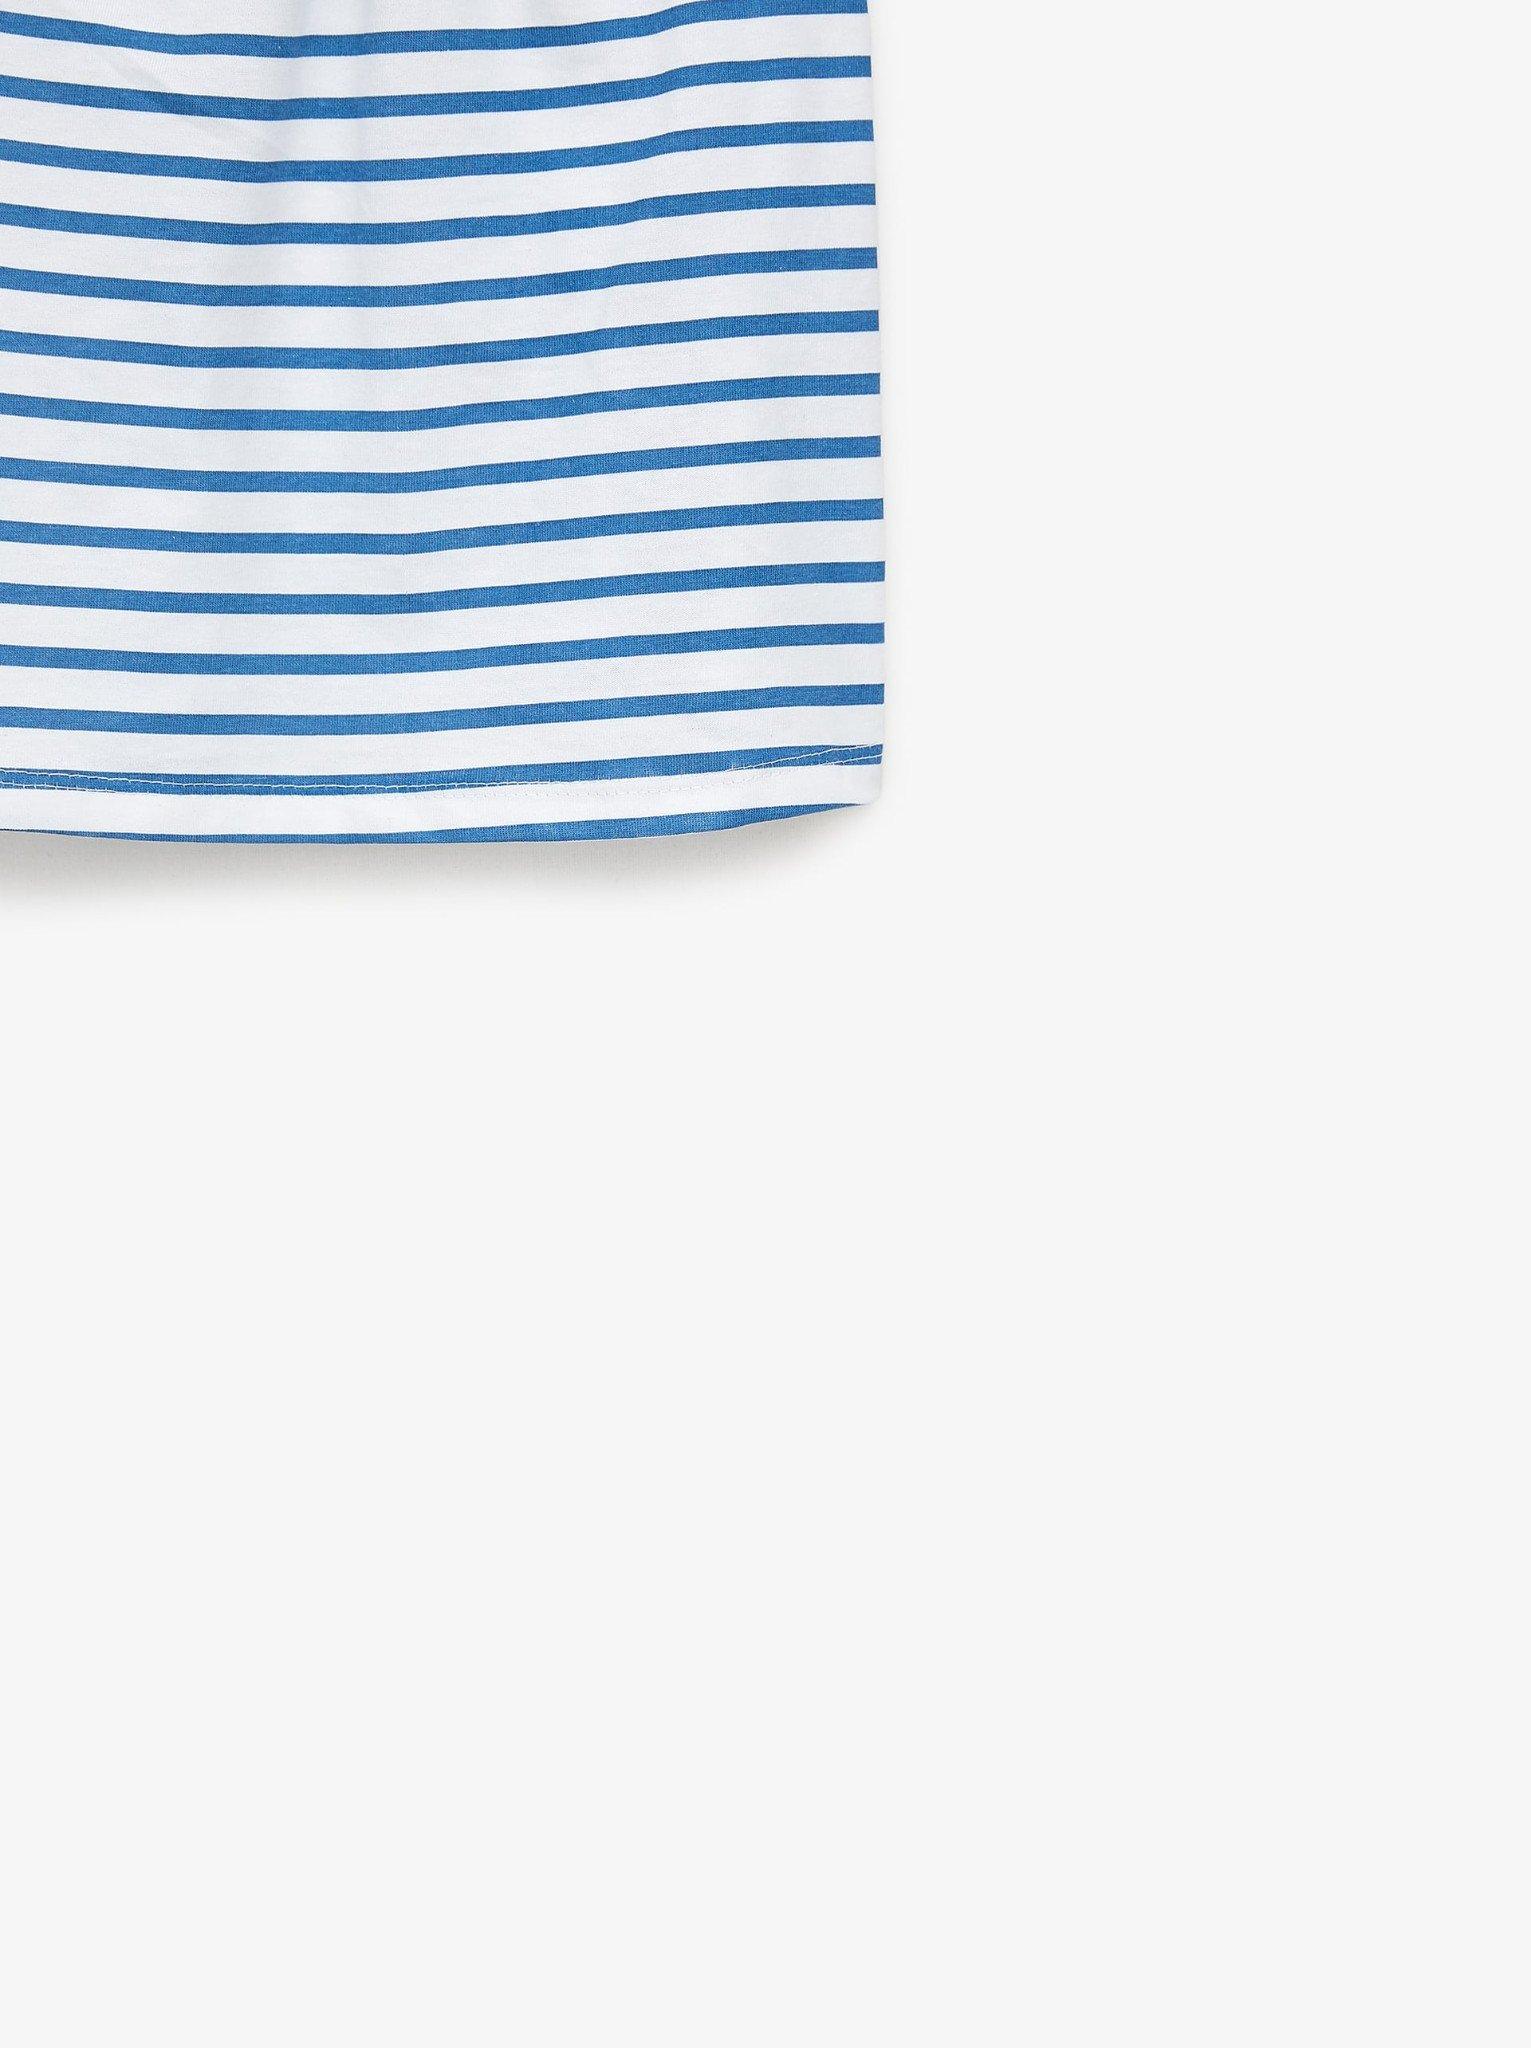 [5-14kg] Áo Thun 2 Dây Zara 109 [Girl] - Trắng/Sọc Xanh